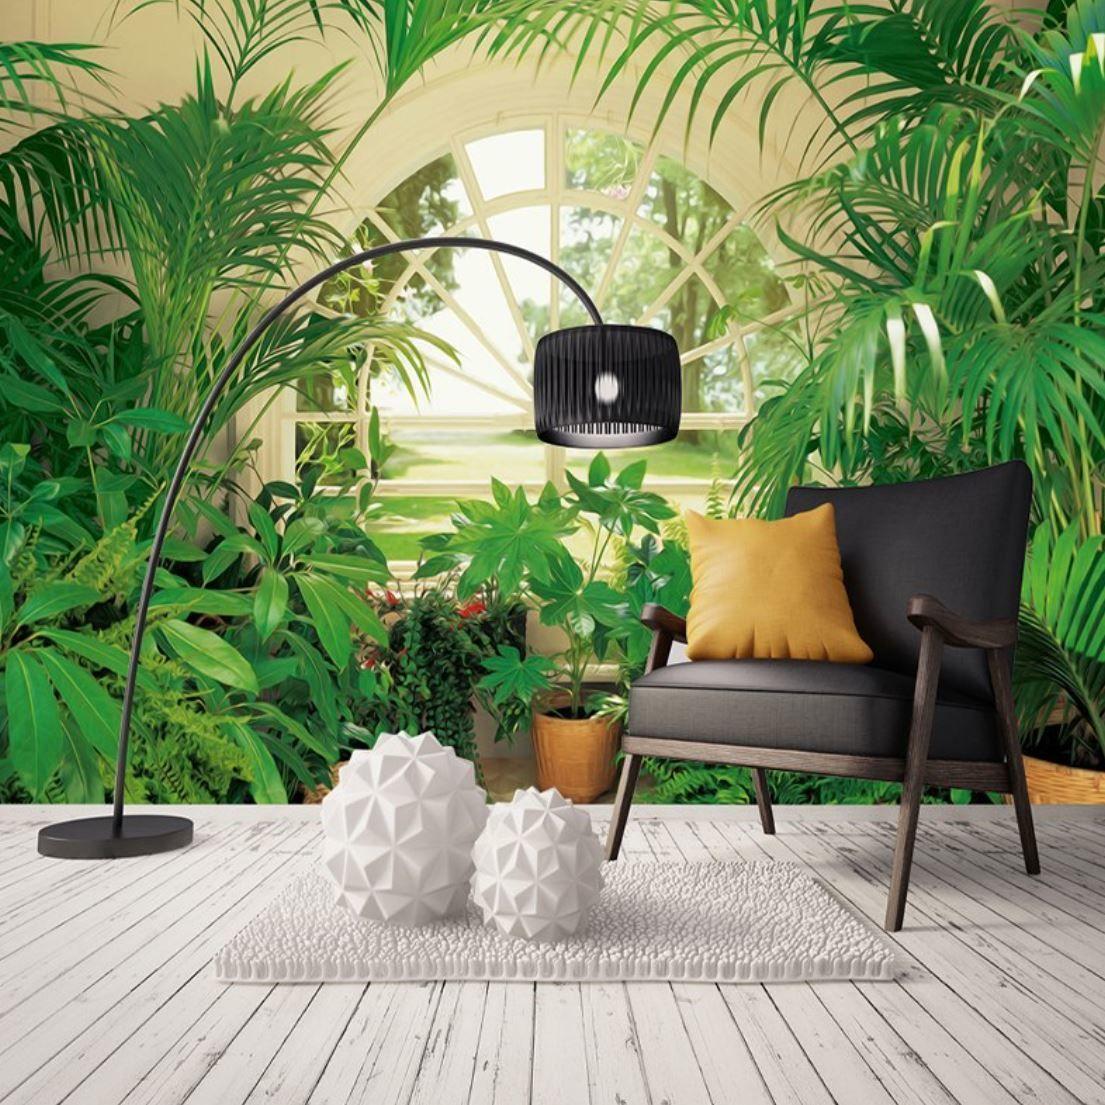 Bmw 6: 3D 壁紙 1ピース 1㎡ 自然風景 窓からの景色 庭 観葉植物 インテリア 装飾 寝室 リビ